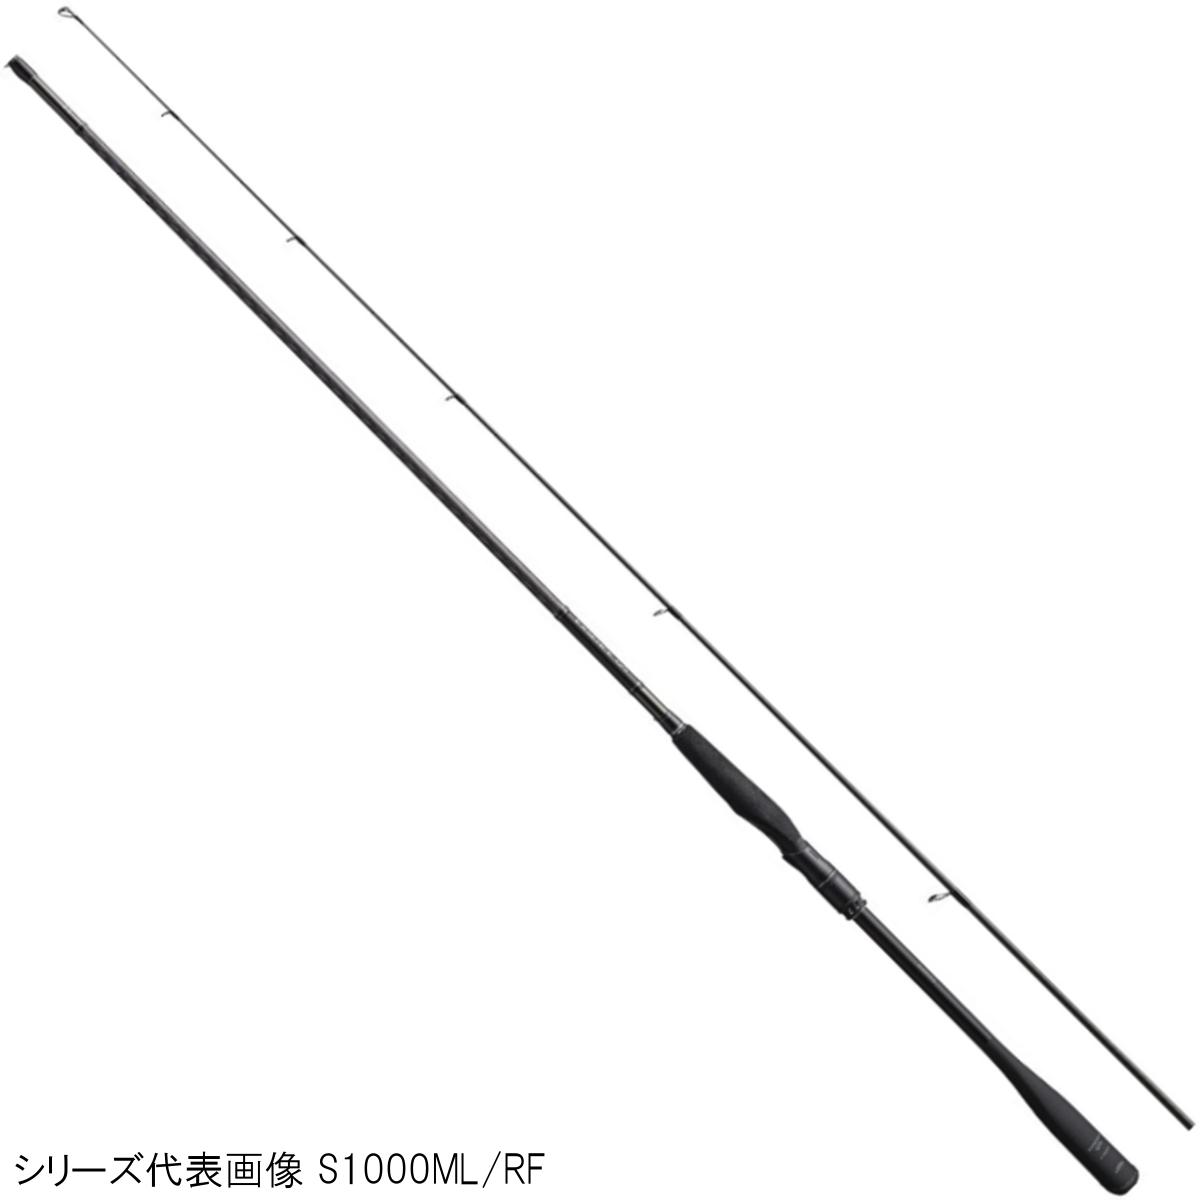 シマノ エクスセンス インフィニティ S1000M/RF【大型商品】(東日本店)